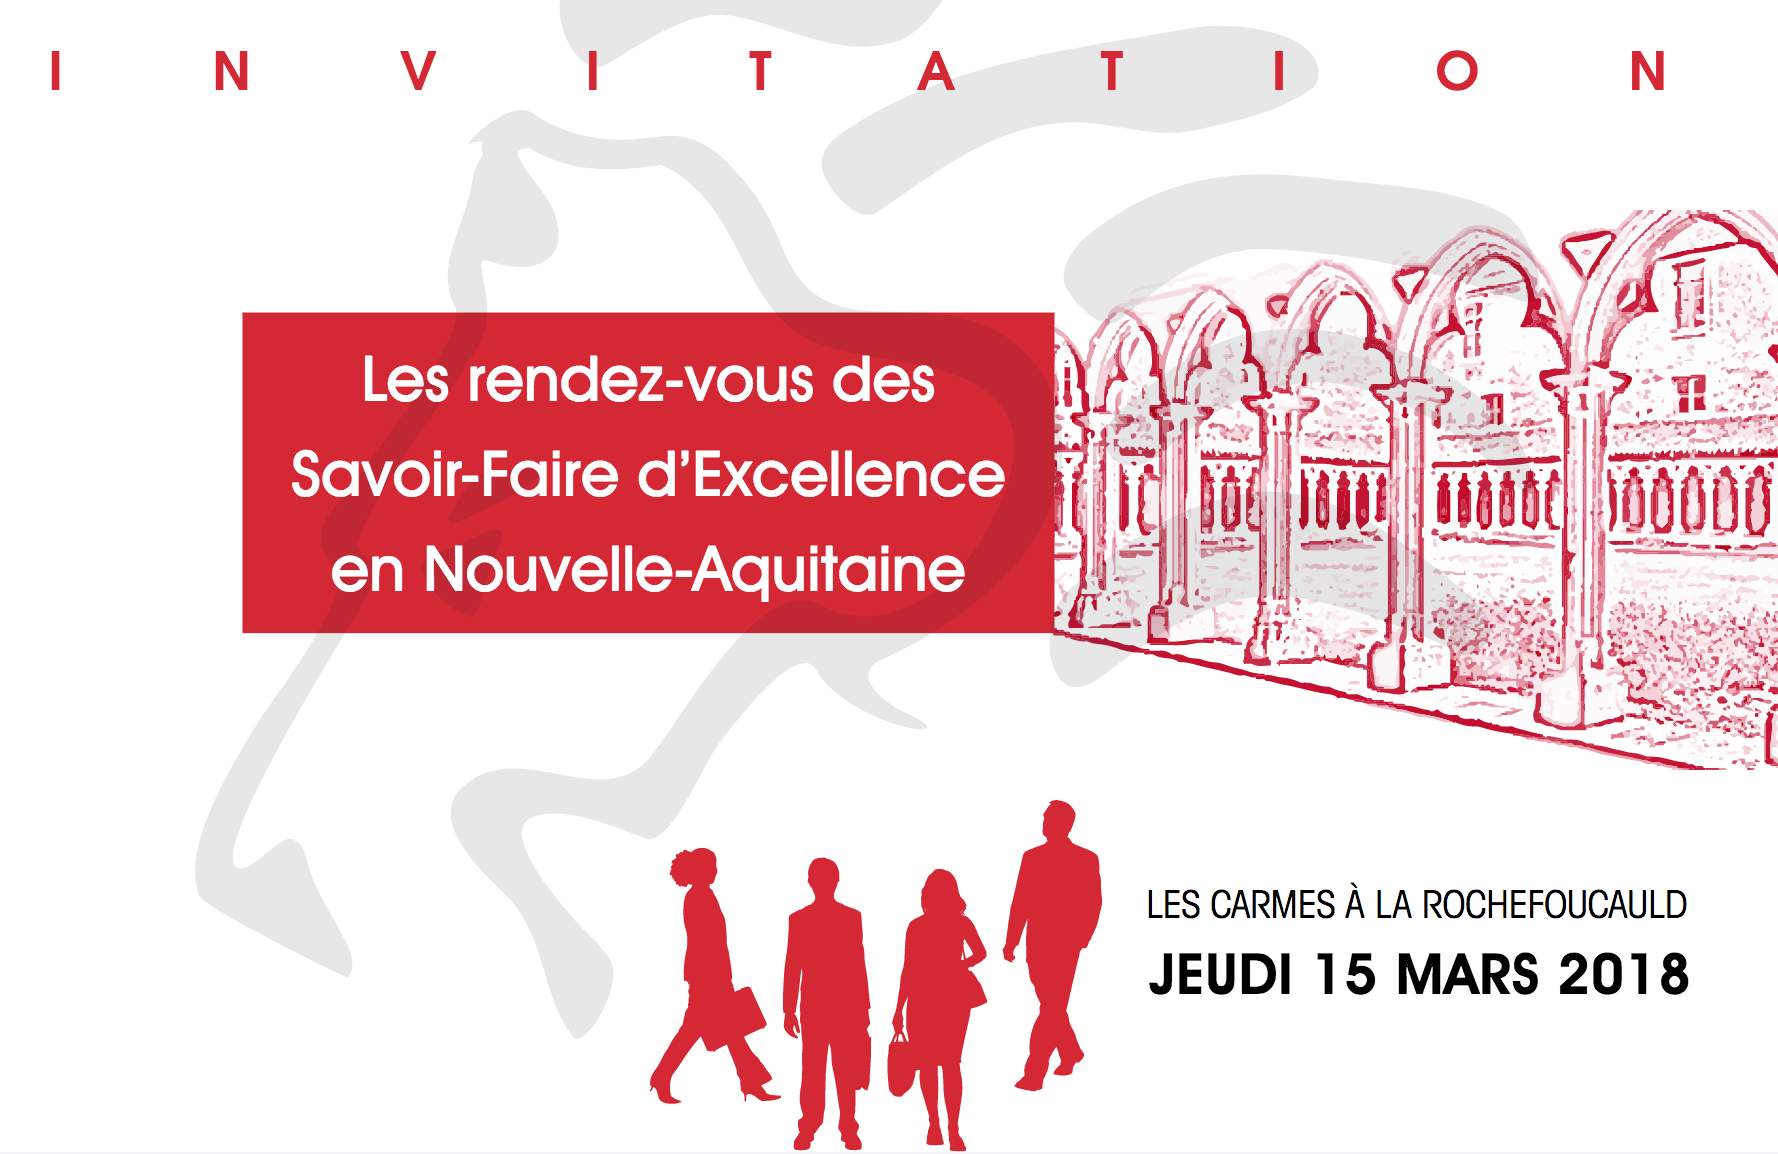 Rendez-vous des savoir-faire d'excellence en Nouvelle-Aquitaine : label EPV, un avantage concurrentiel.